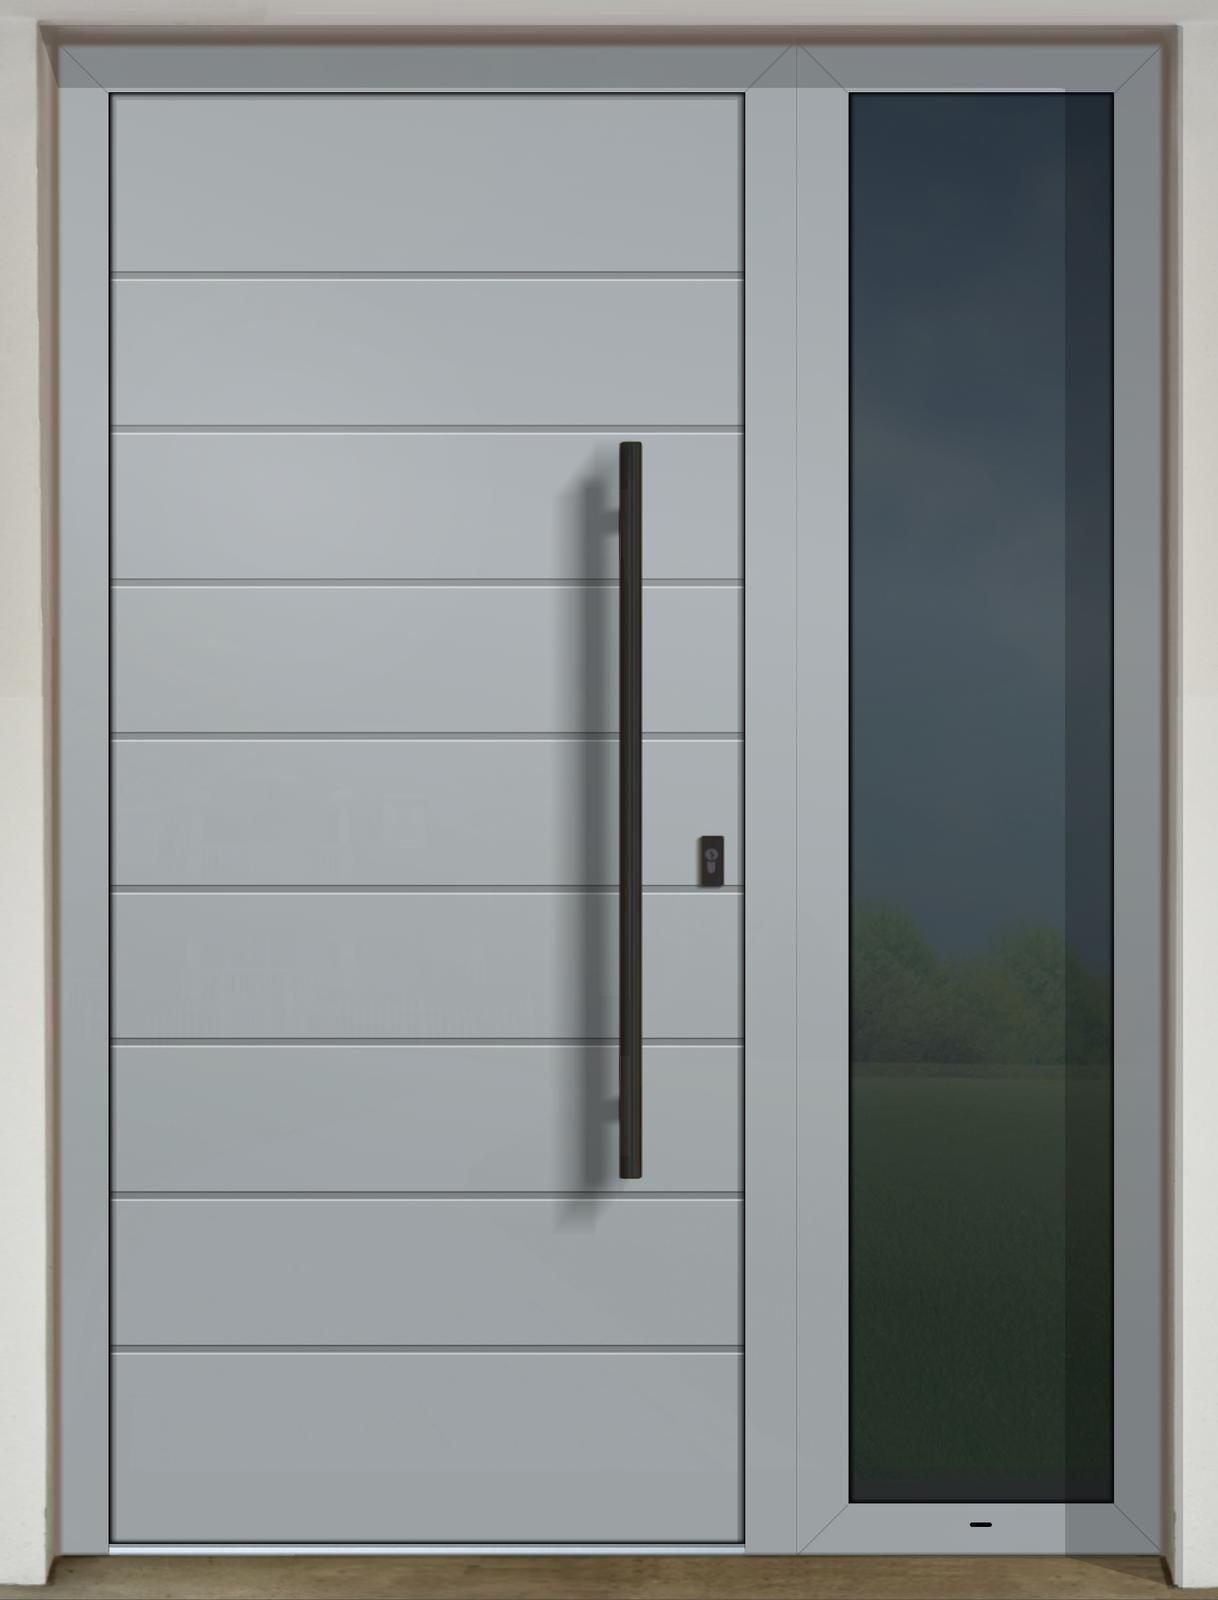 Vchodové dvere GAVA s prísvetlíkom - GAVA 400 FD